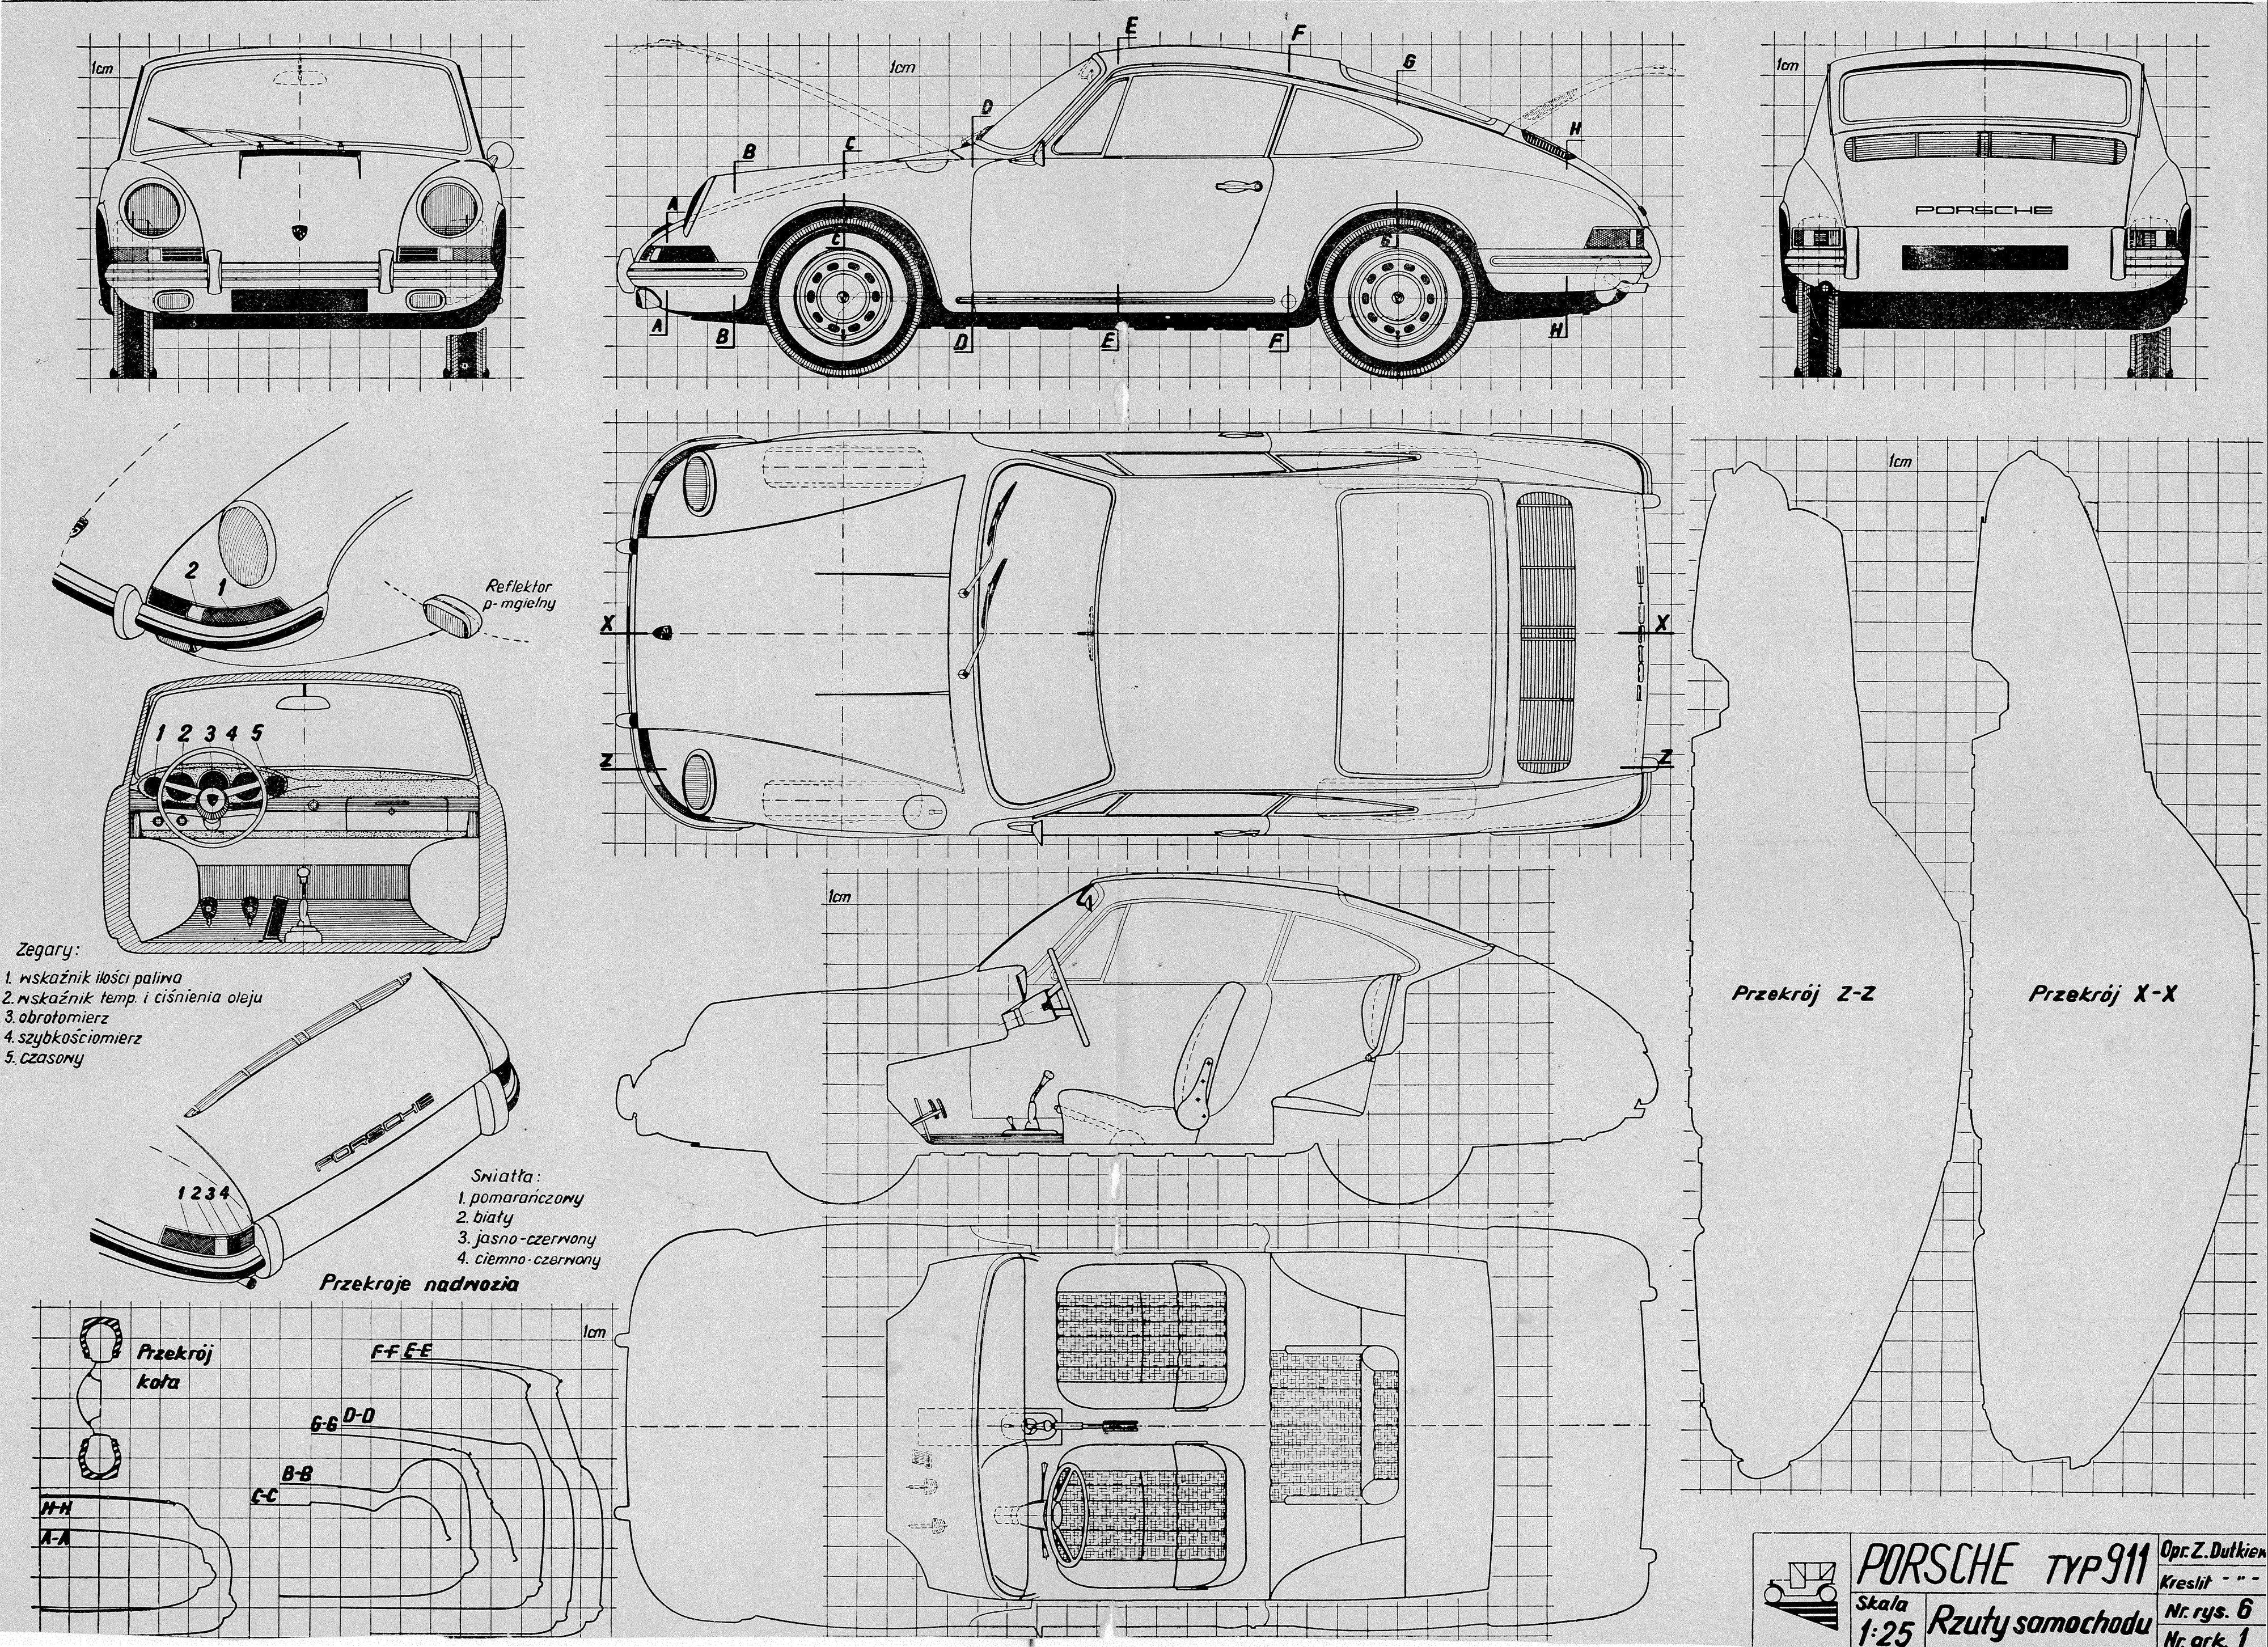 The Porsche Cayman Gt4